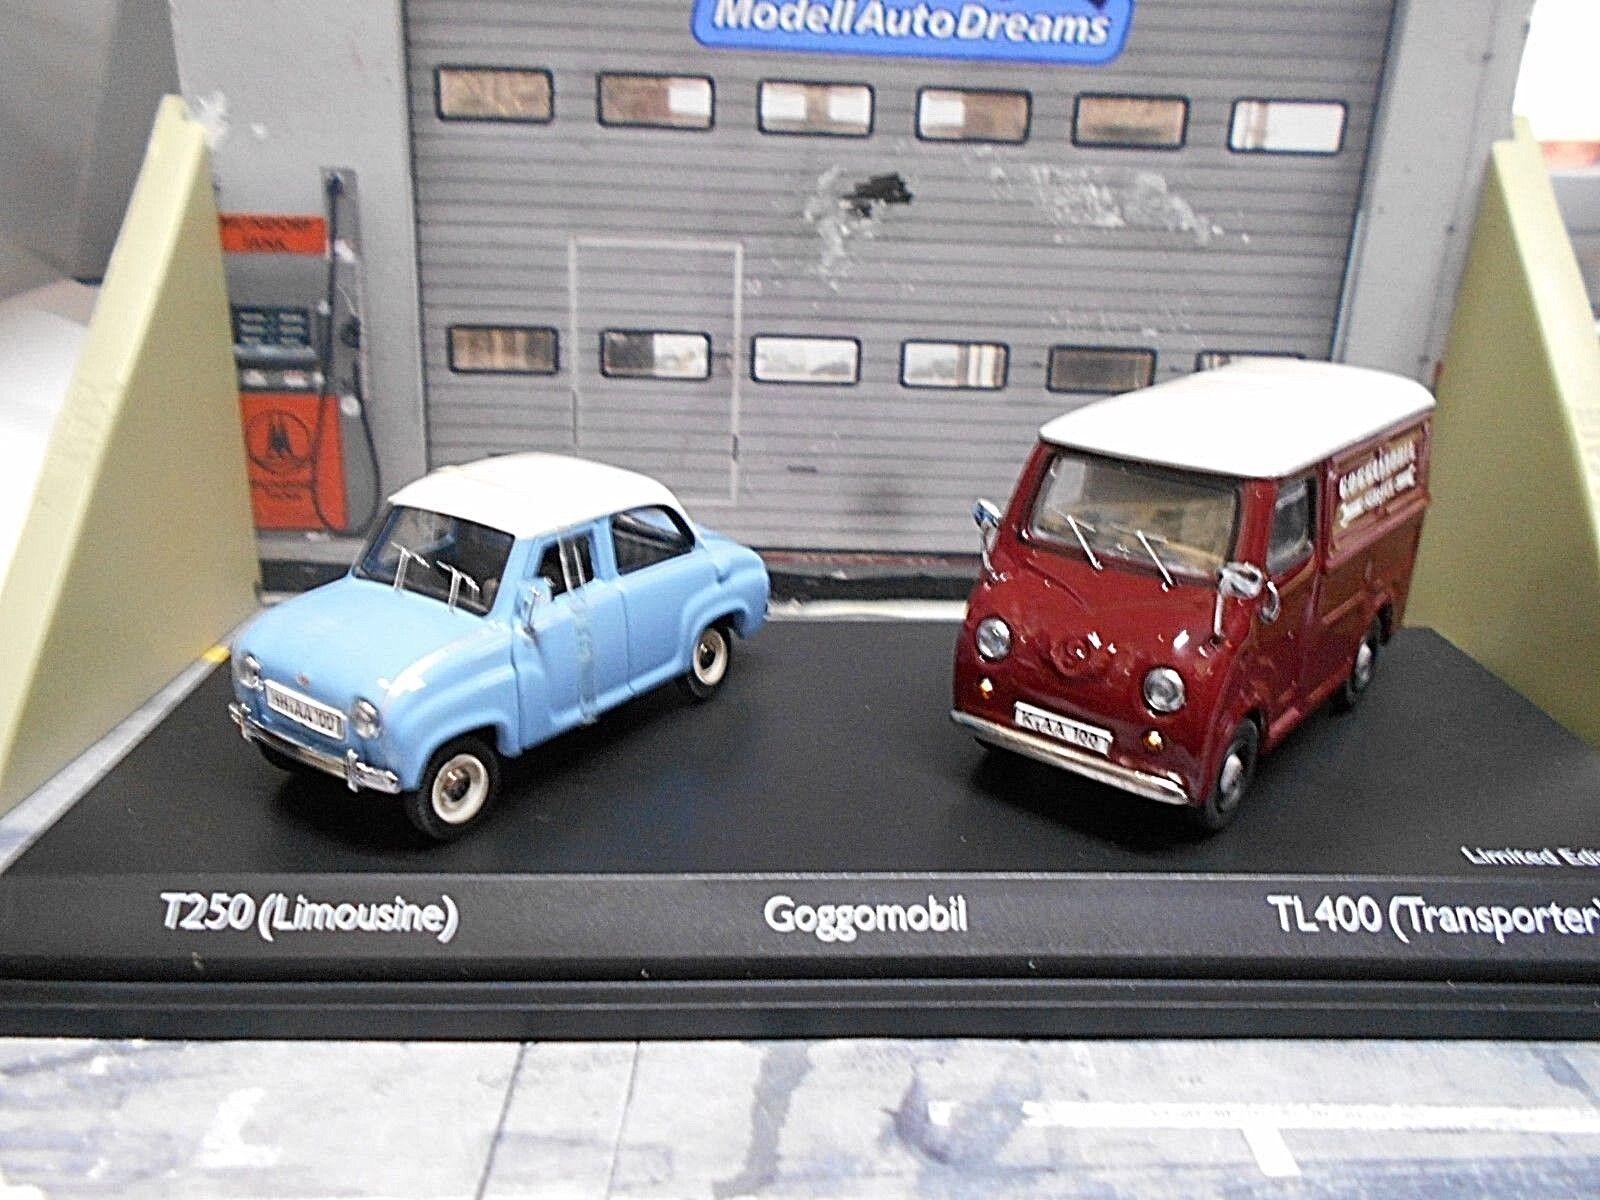 GOGGO GOGGO GOGGO Goggomobil TL400 + T250 Transporter + PKW Doppelset Schuco 2x 1 43 ef589e